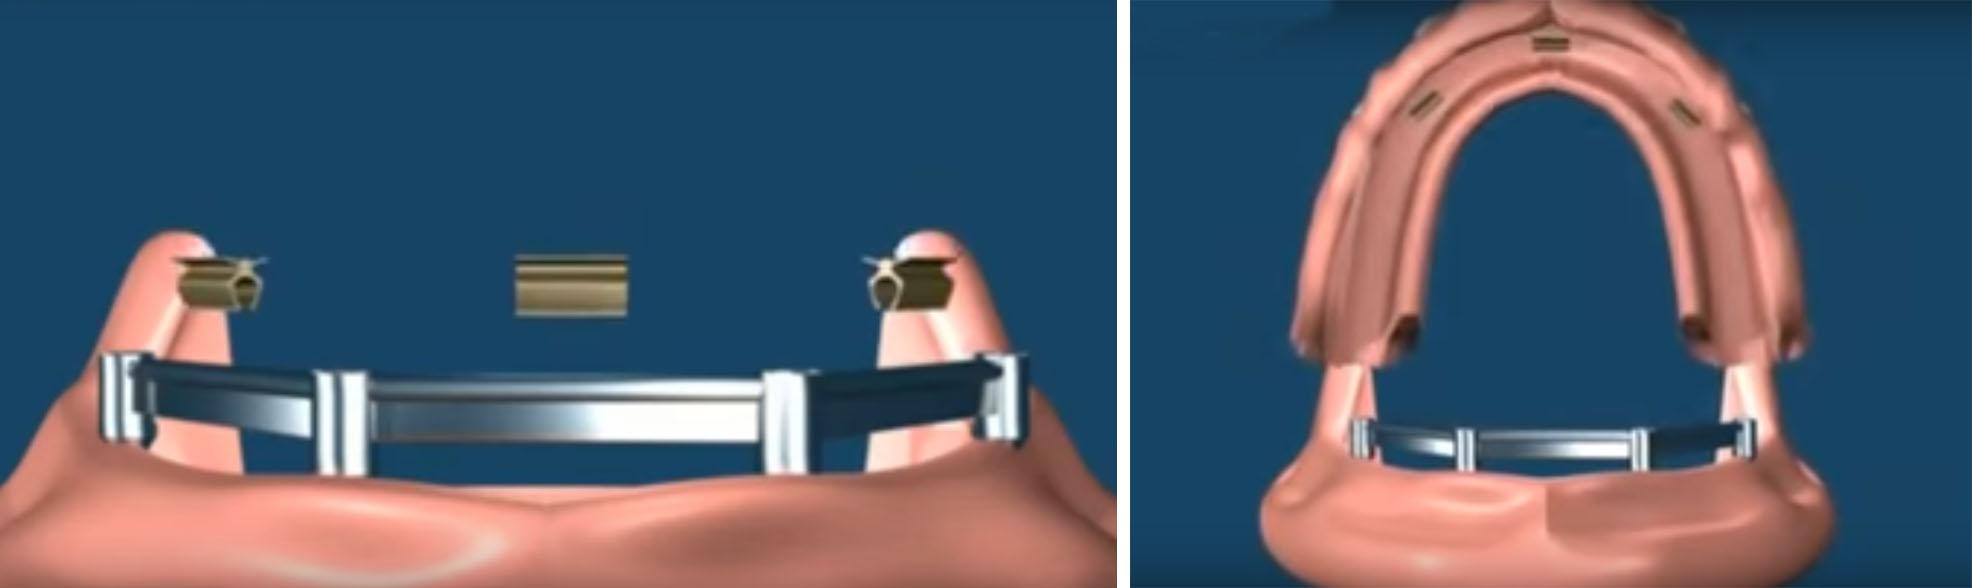 Балочное крепление съемных имплантов